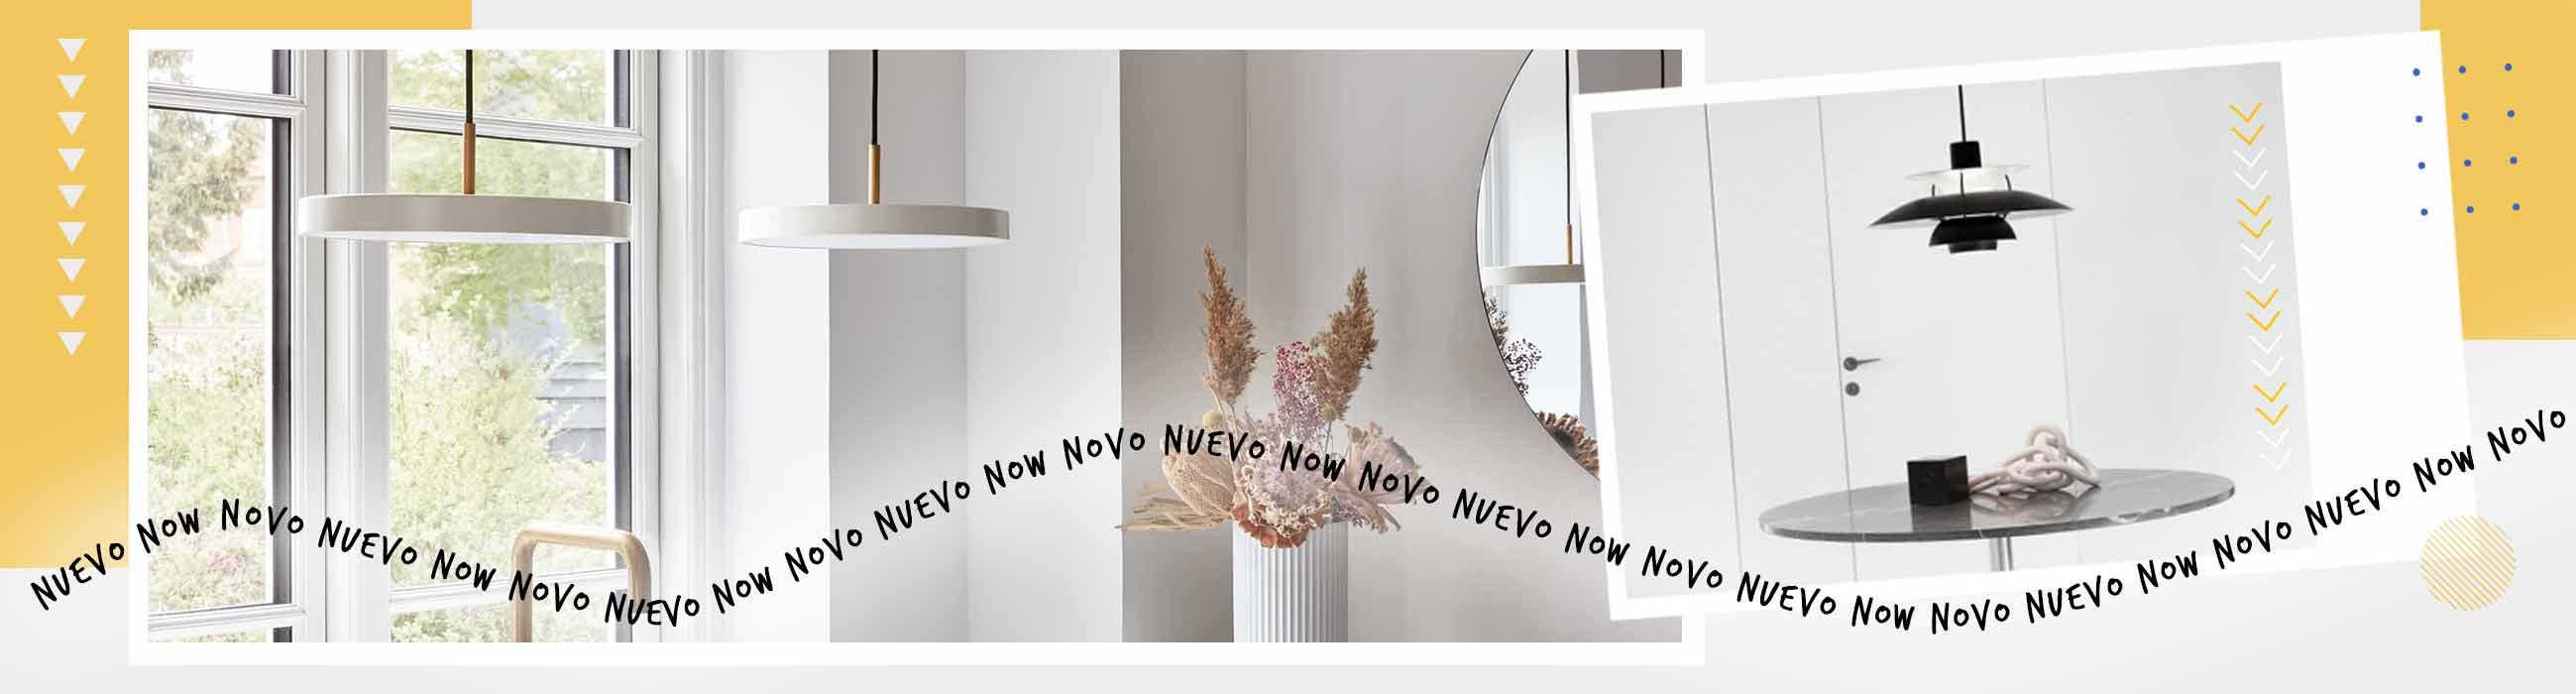 mylightshop-nuevo-new-novo